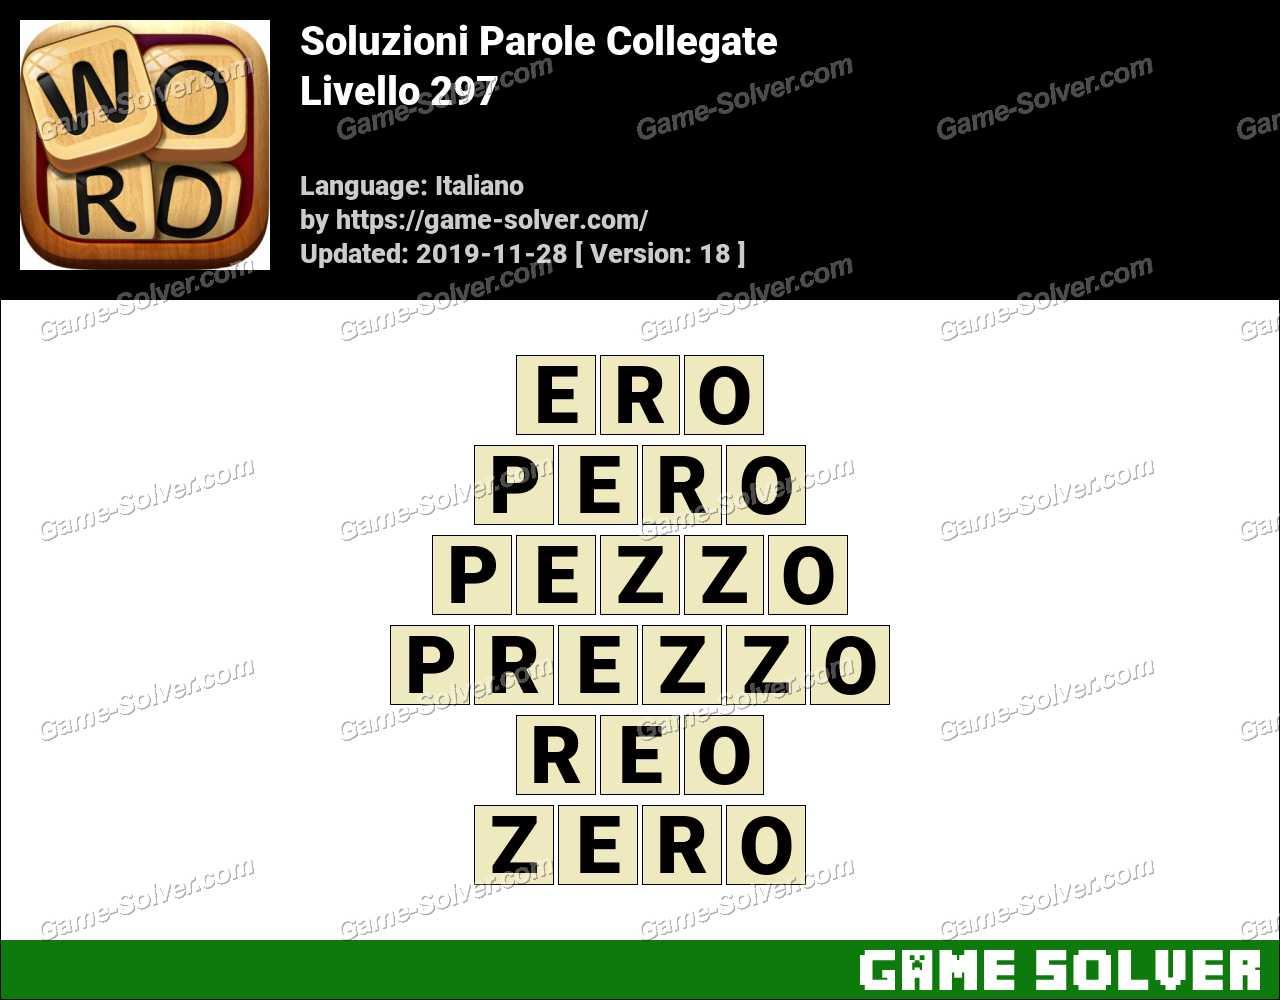 Soluzioni Parole Collegate Livello 297